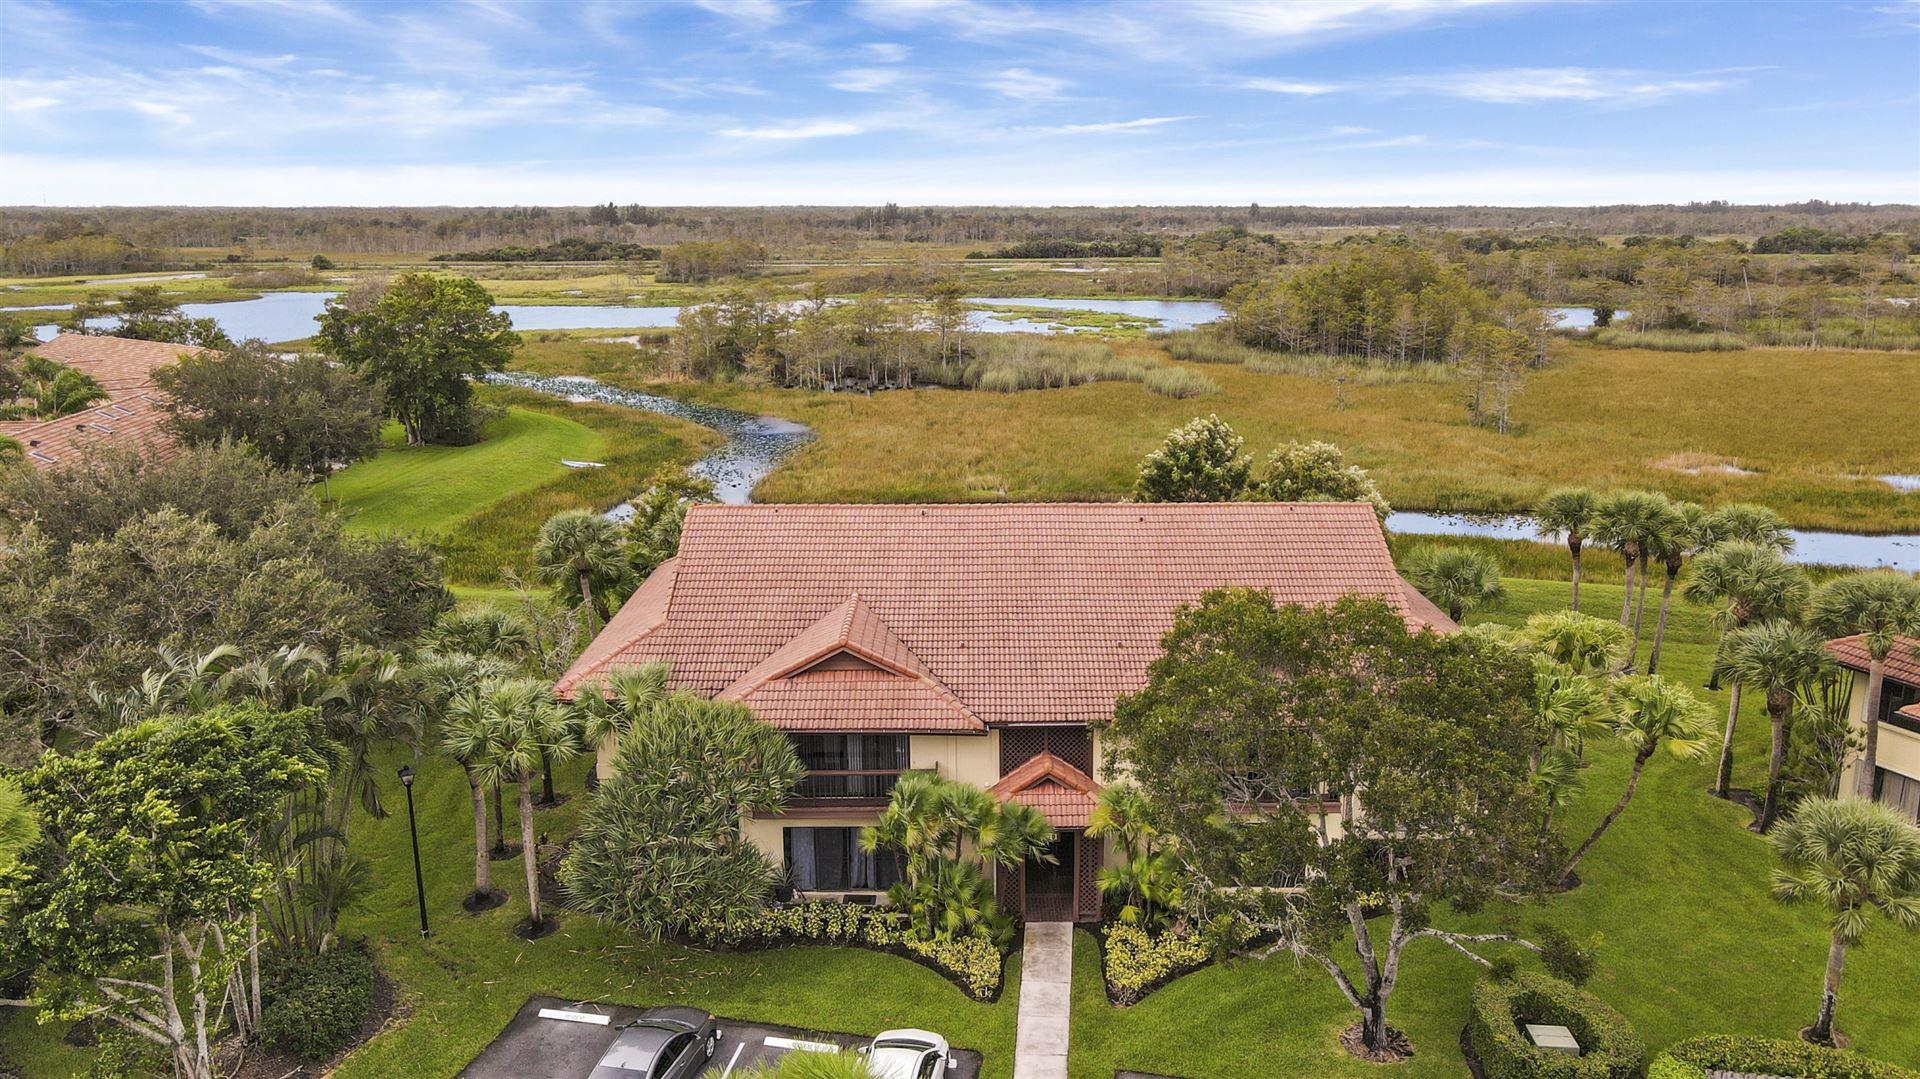 Photo of 1111 Duncan Circle #102, Palm Beach Gardens, FL 33418 (MLS # RX-10665973)